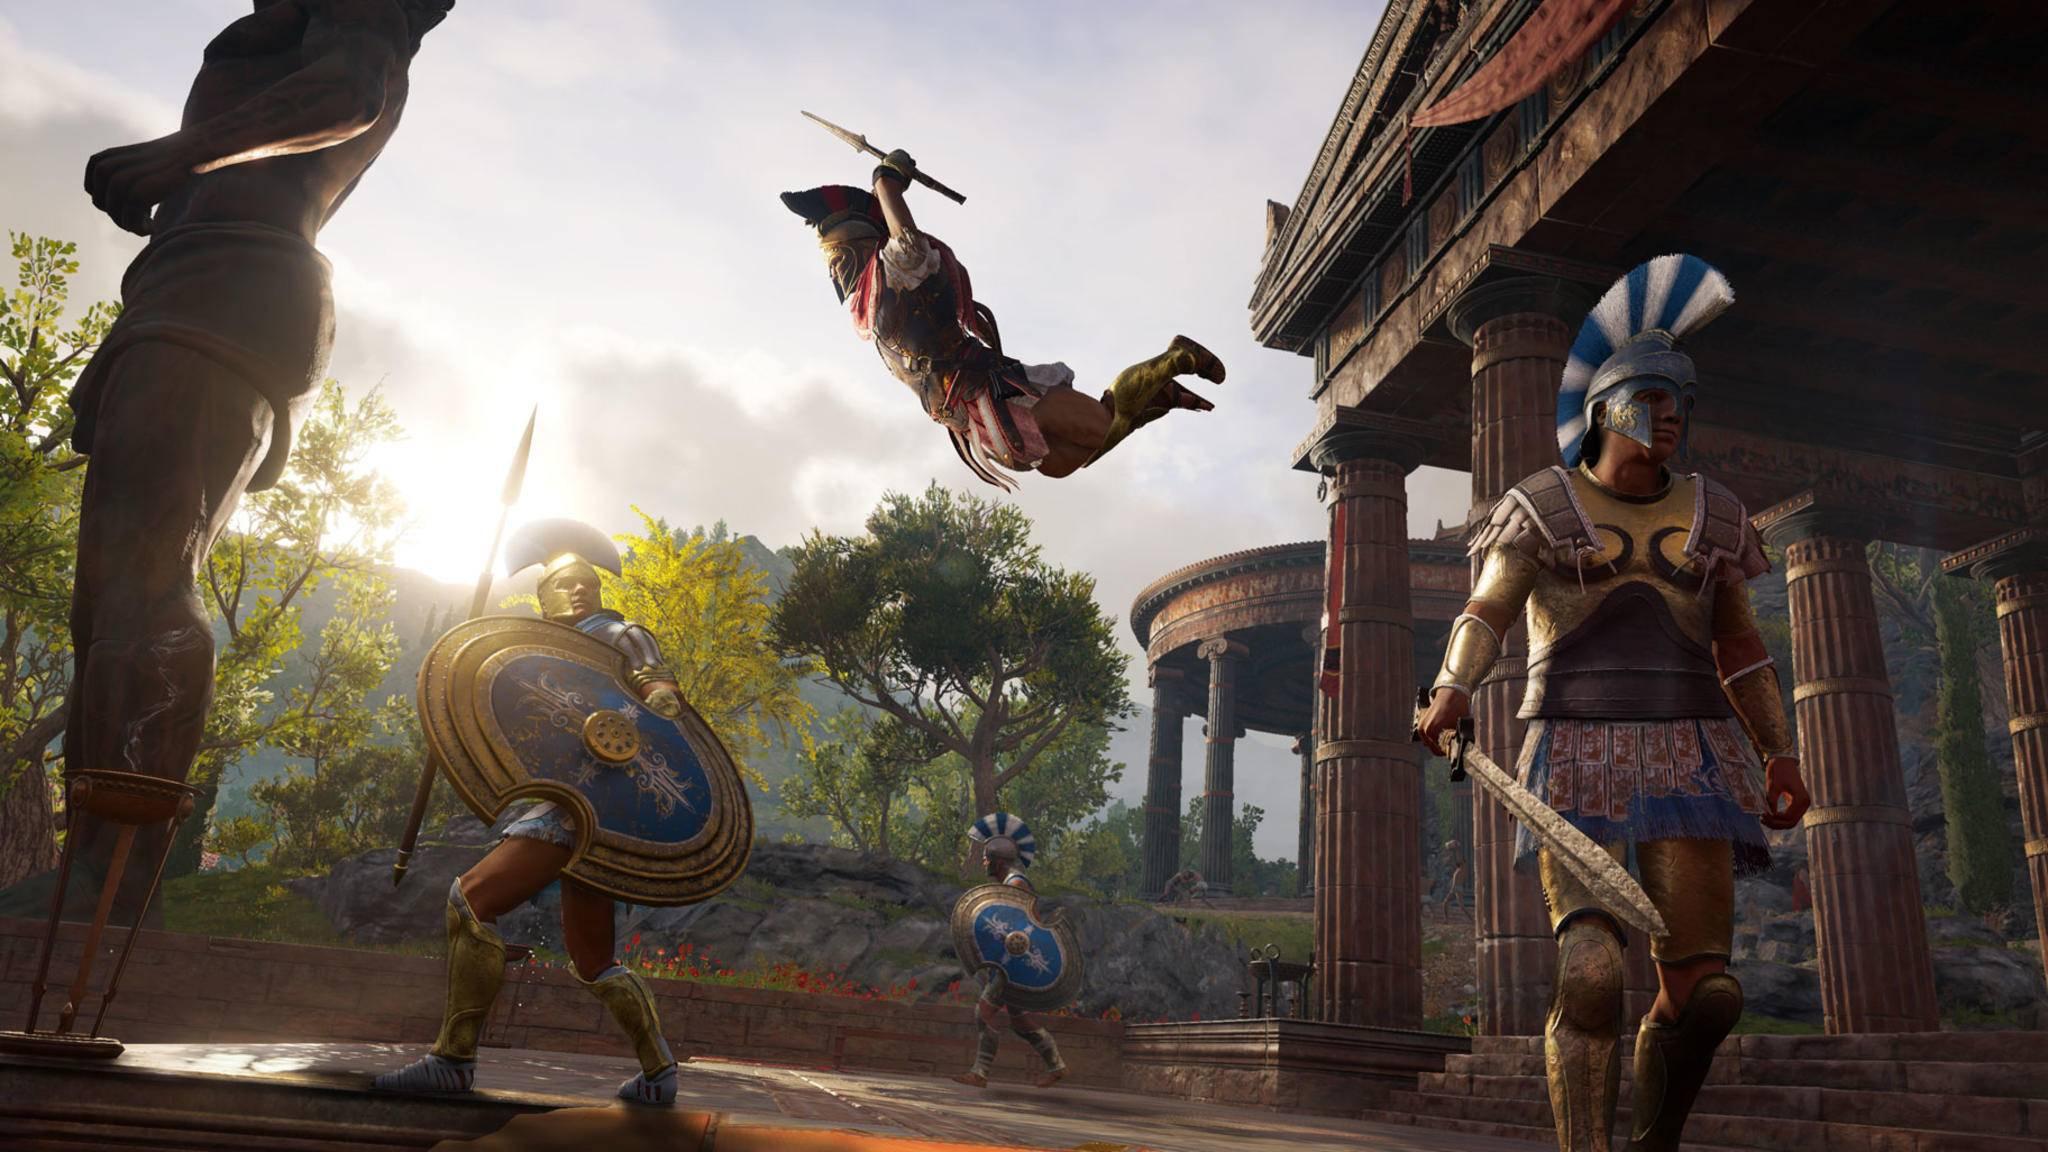 """Mehr als 30 Stunden Zwischensequenzen soll """"Assassin's Creed Odyssey"""" haben – da kann Dir Sokrates die eine oder andere Geschichte erzählen."""